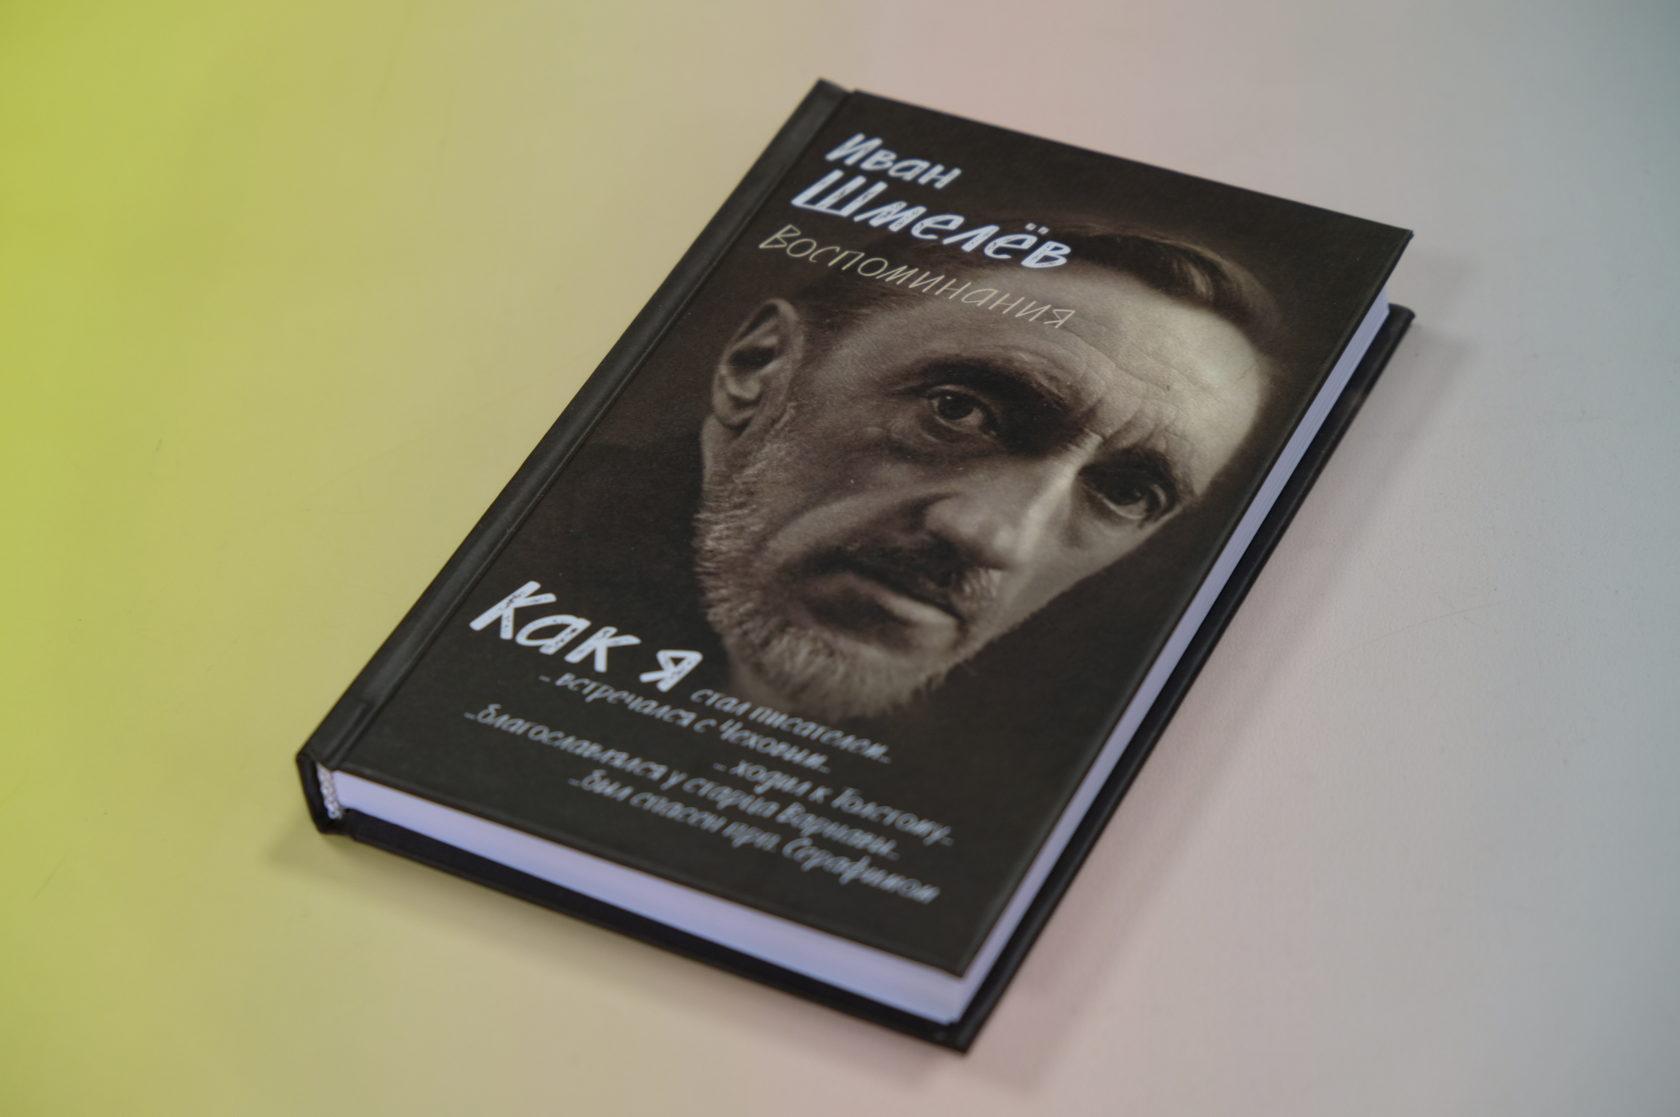 Купить книгу Иван Шмелёв «Воспоминания. Как я стал писателем»  978-5-907200-06-7